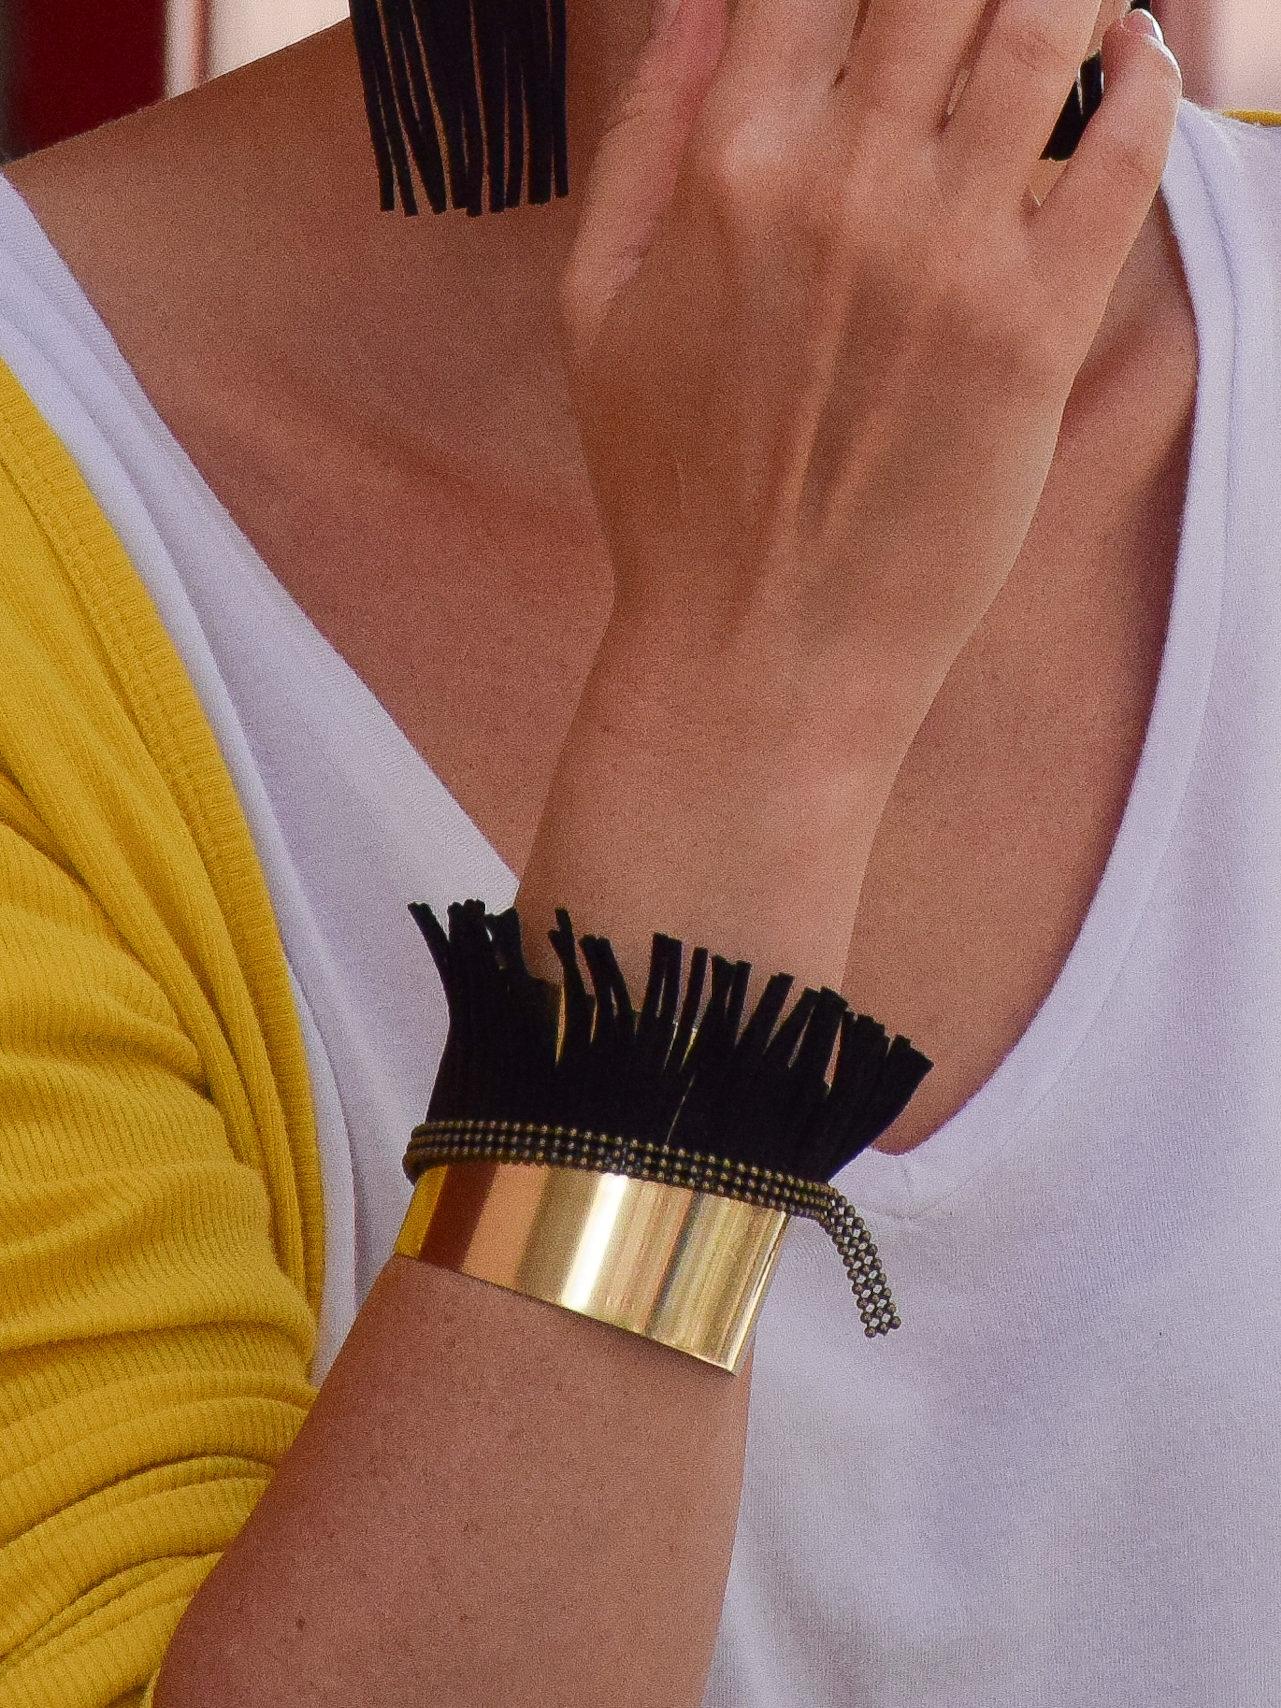 bracelet-manchette-pocahontas-creation-de-bijoux-par-les-delires-de-lolotte